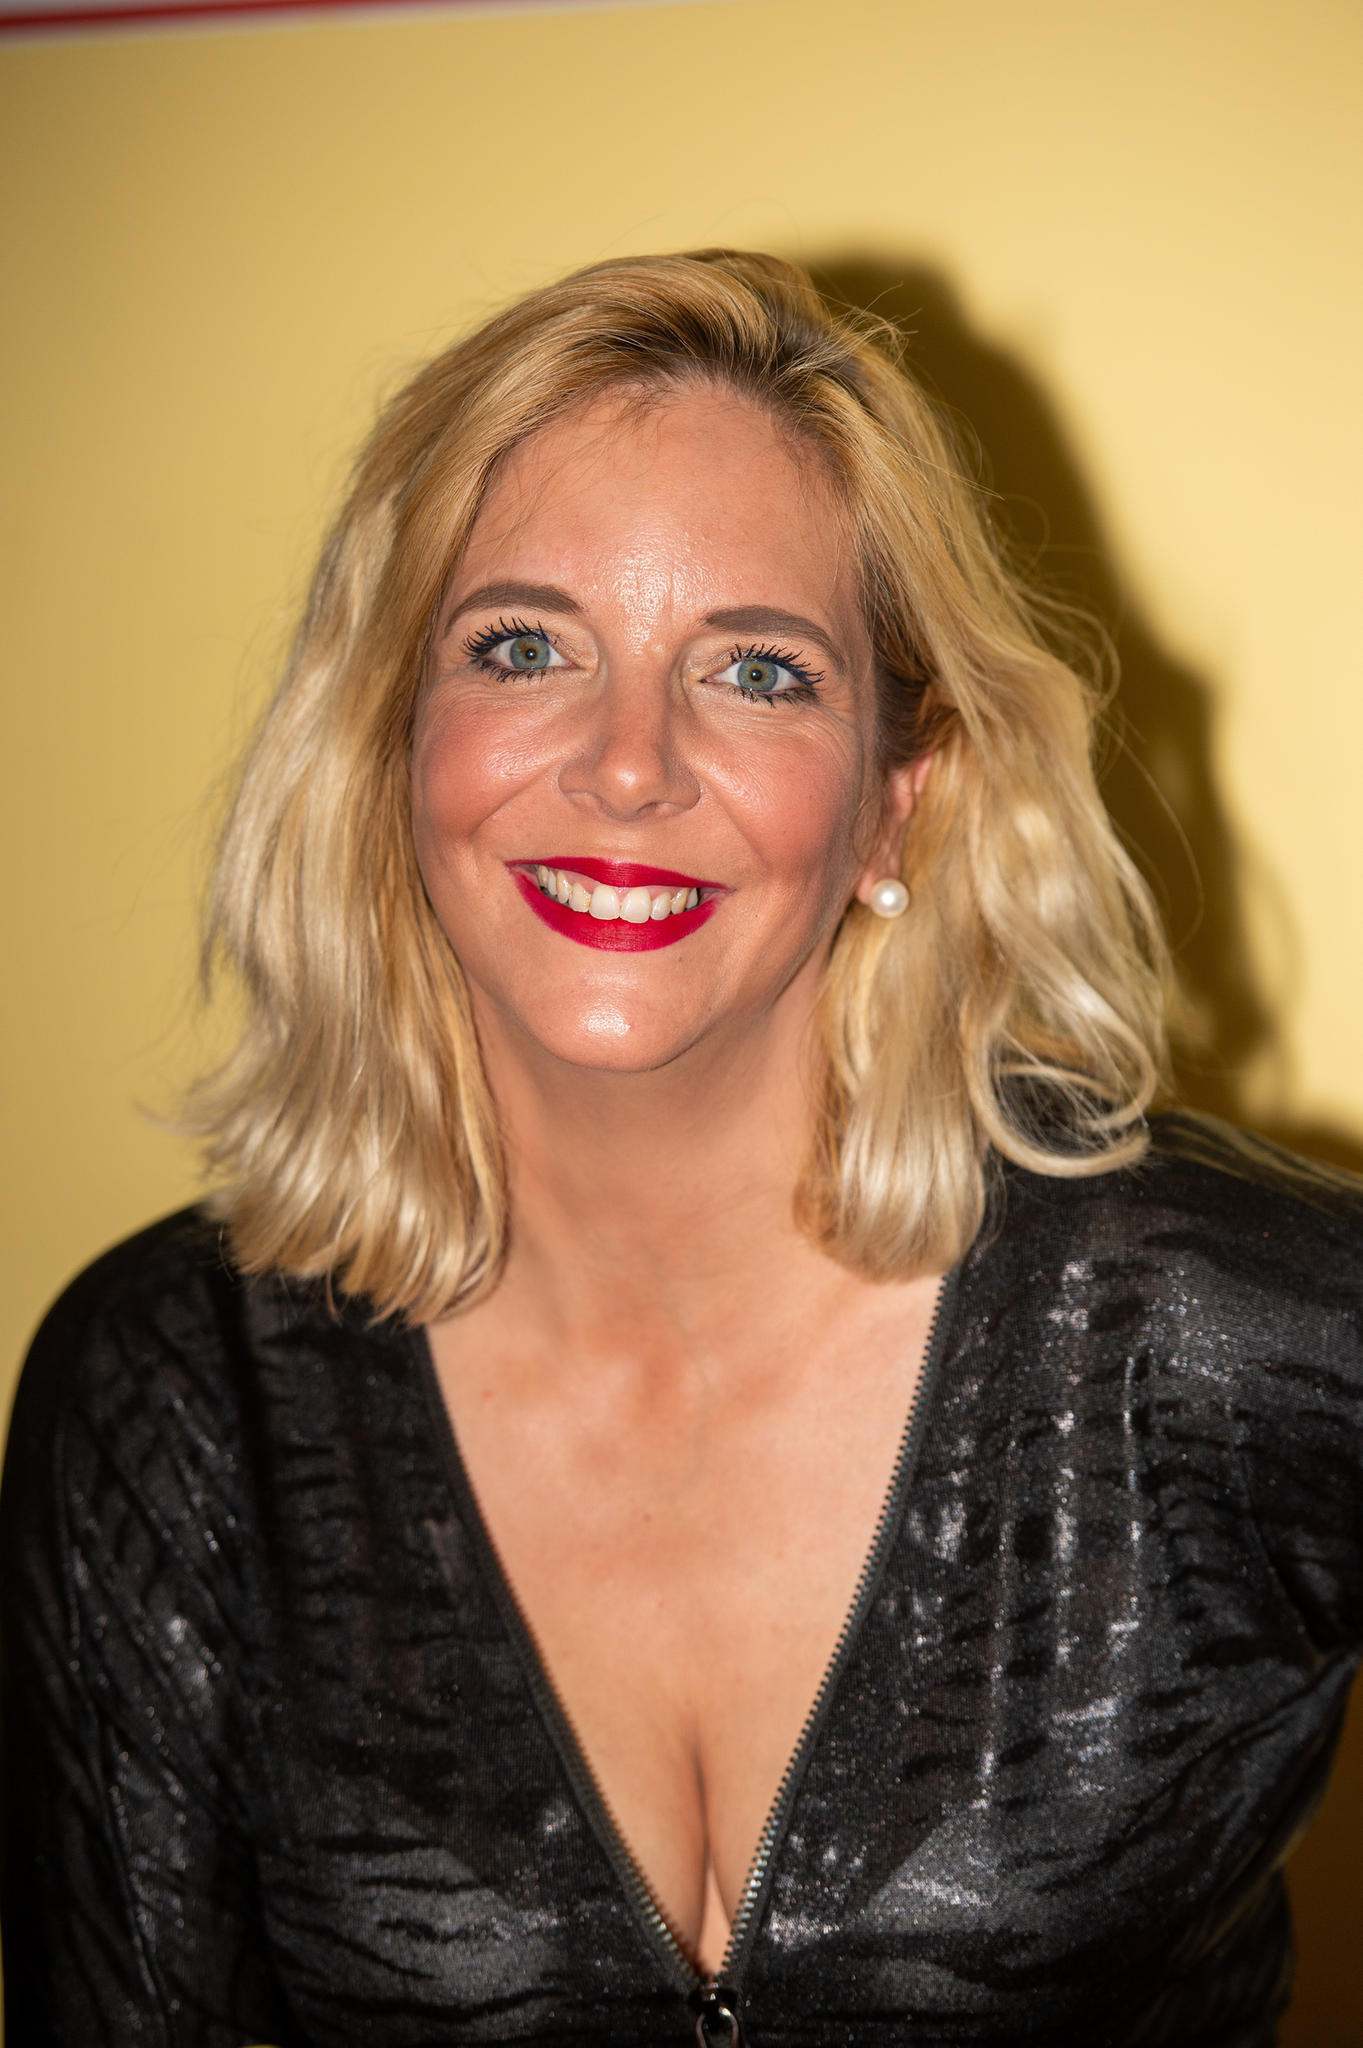 Daniela Büchner